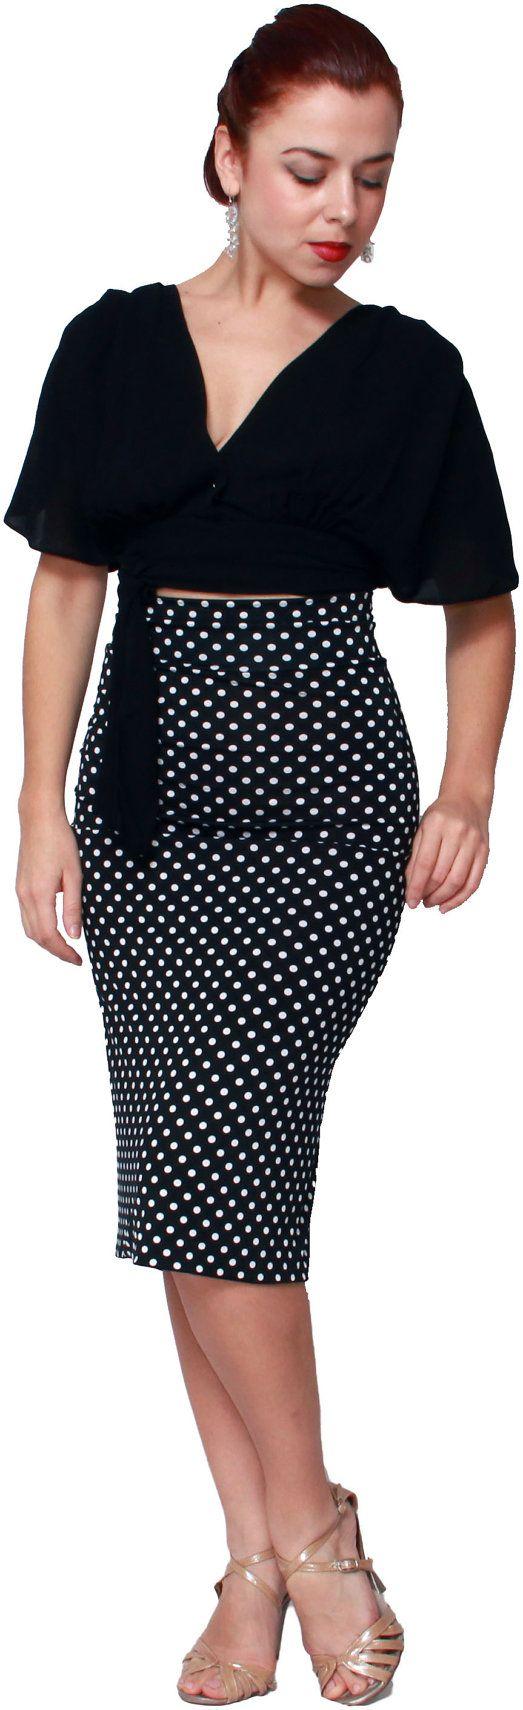 Selalma Signature Skirt by Selalma on Etsy